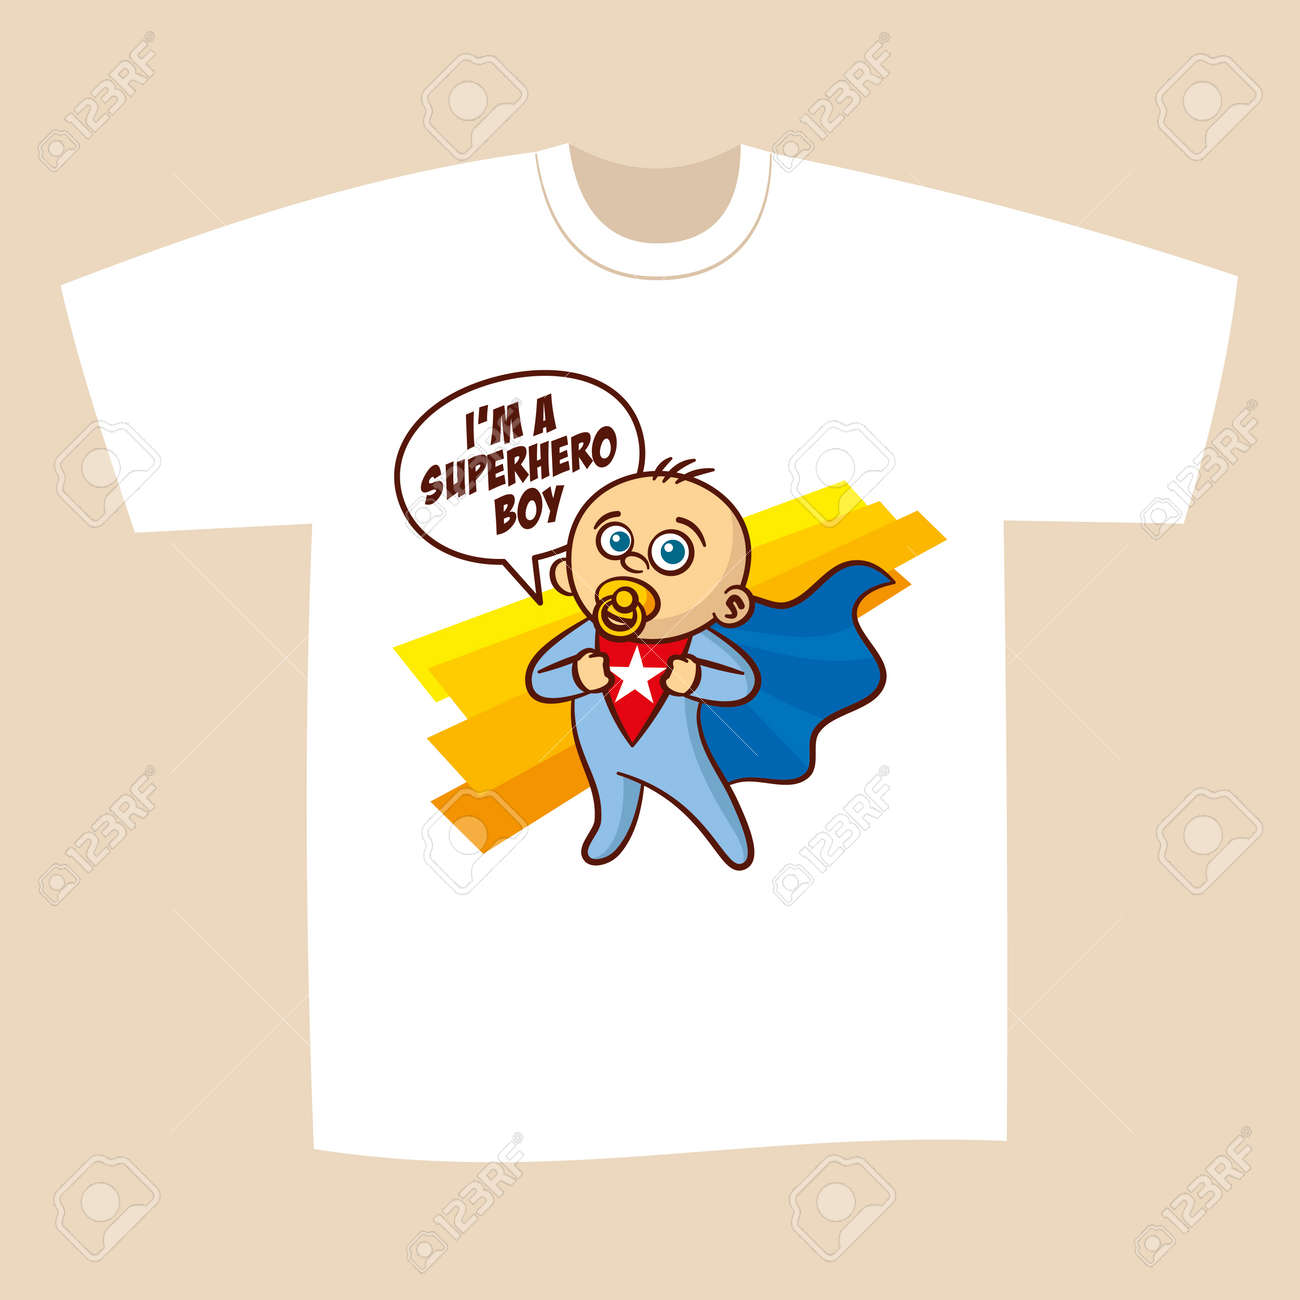 0080b756 T-shirt White Print Design Superhero Vector Illustration Stock Vector -  77776718